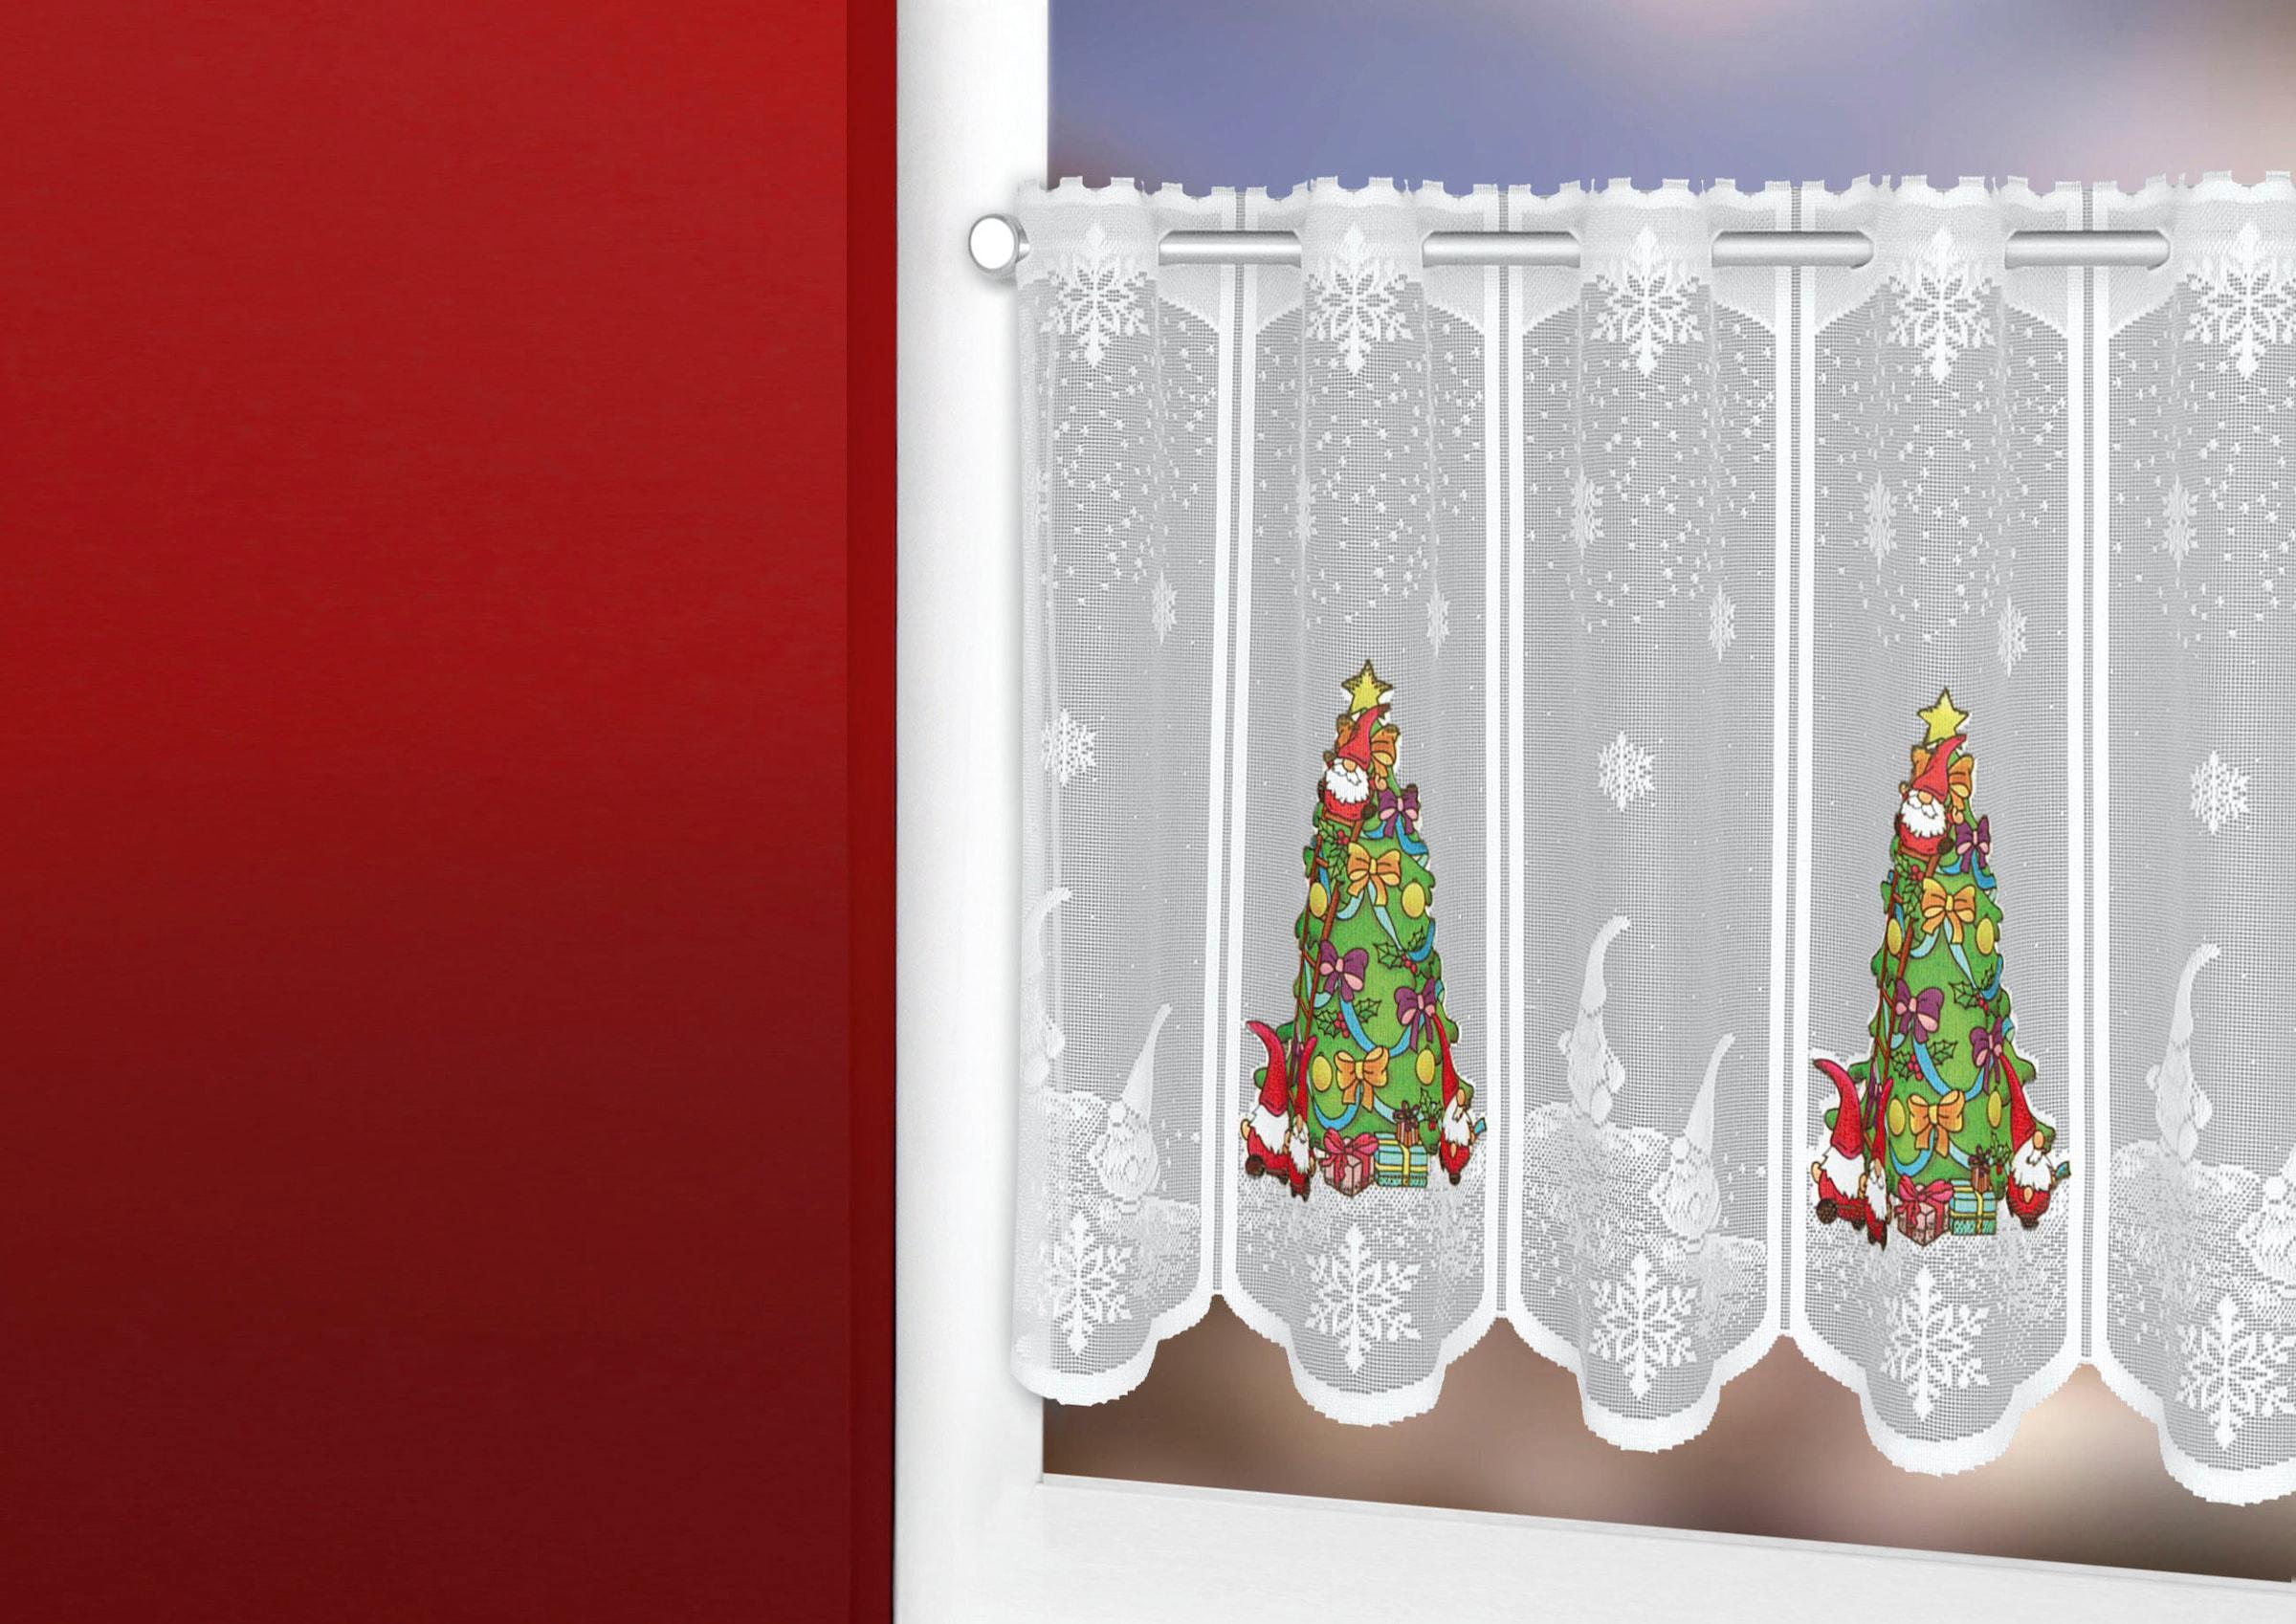 Image of Panneaux, »Weihnachtsbaum«, Albani, Stangendurchzug 1 Stück